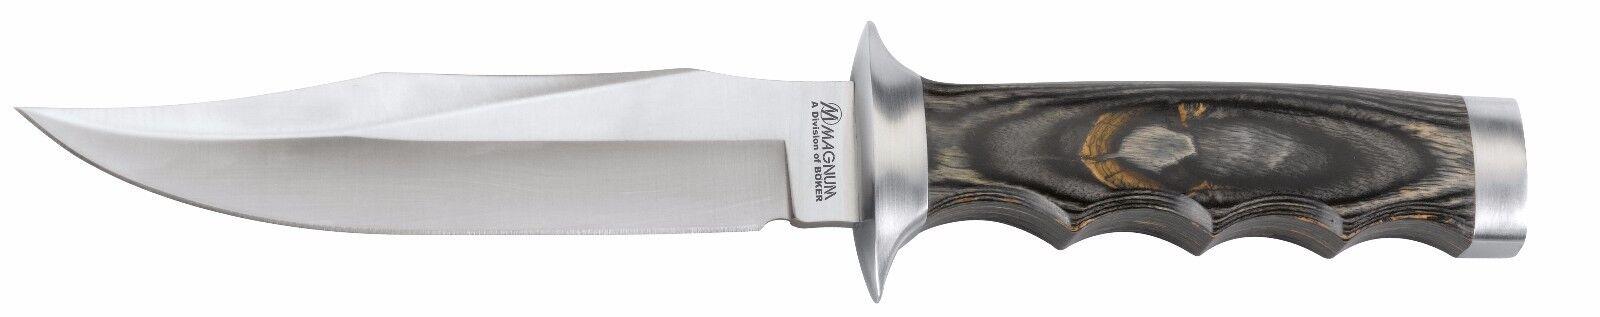 Böker Magnum Jungle Devil Jagdmesser Lederscheide mit Vortasche und Schleifstein    Preisreduktion